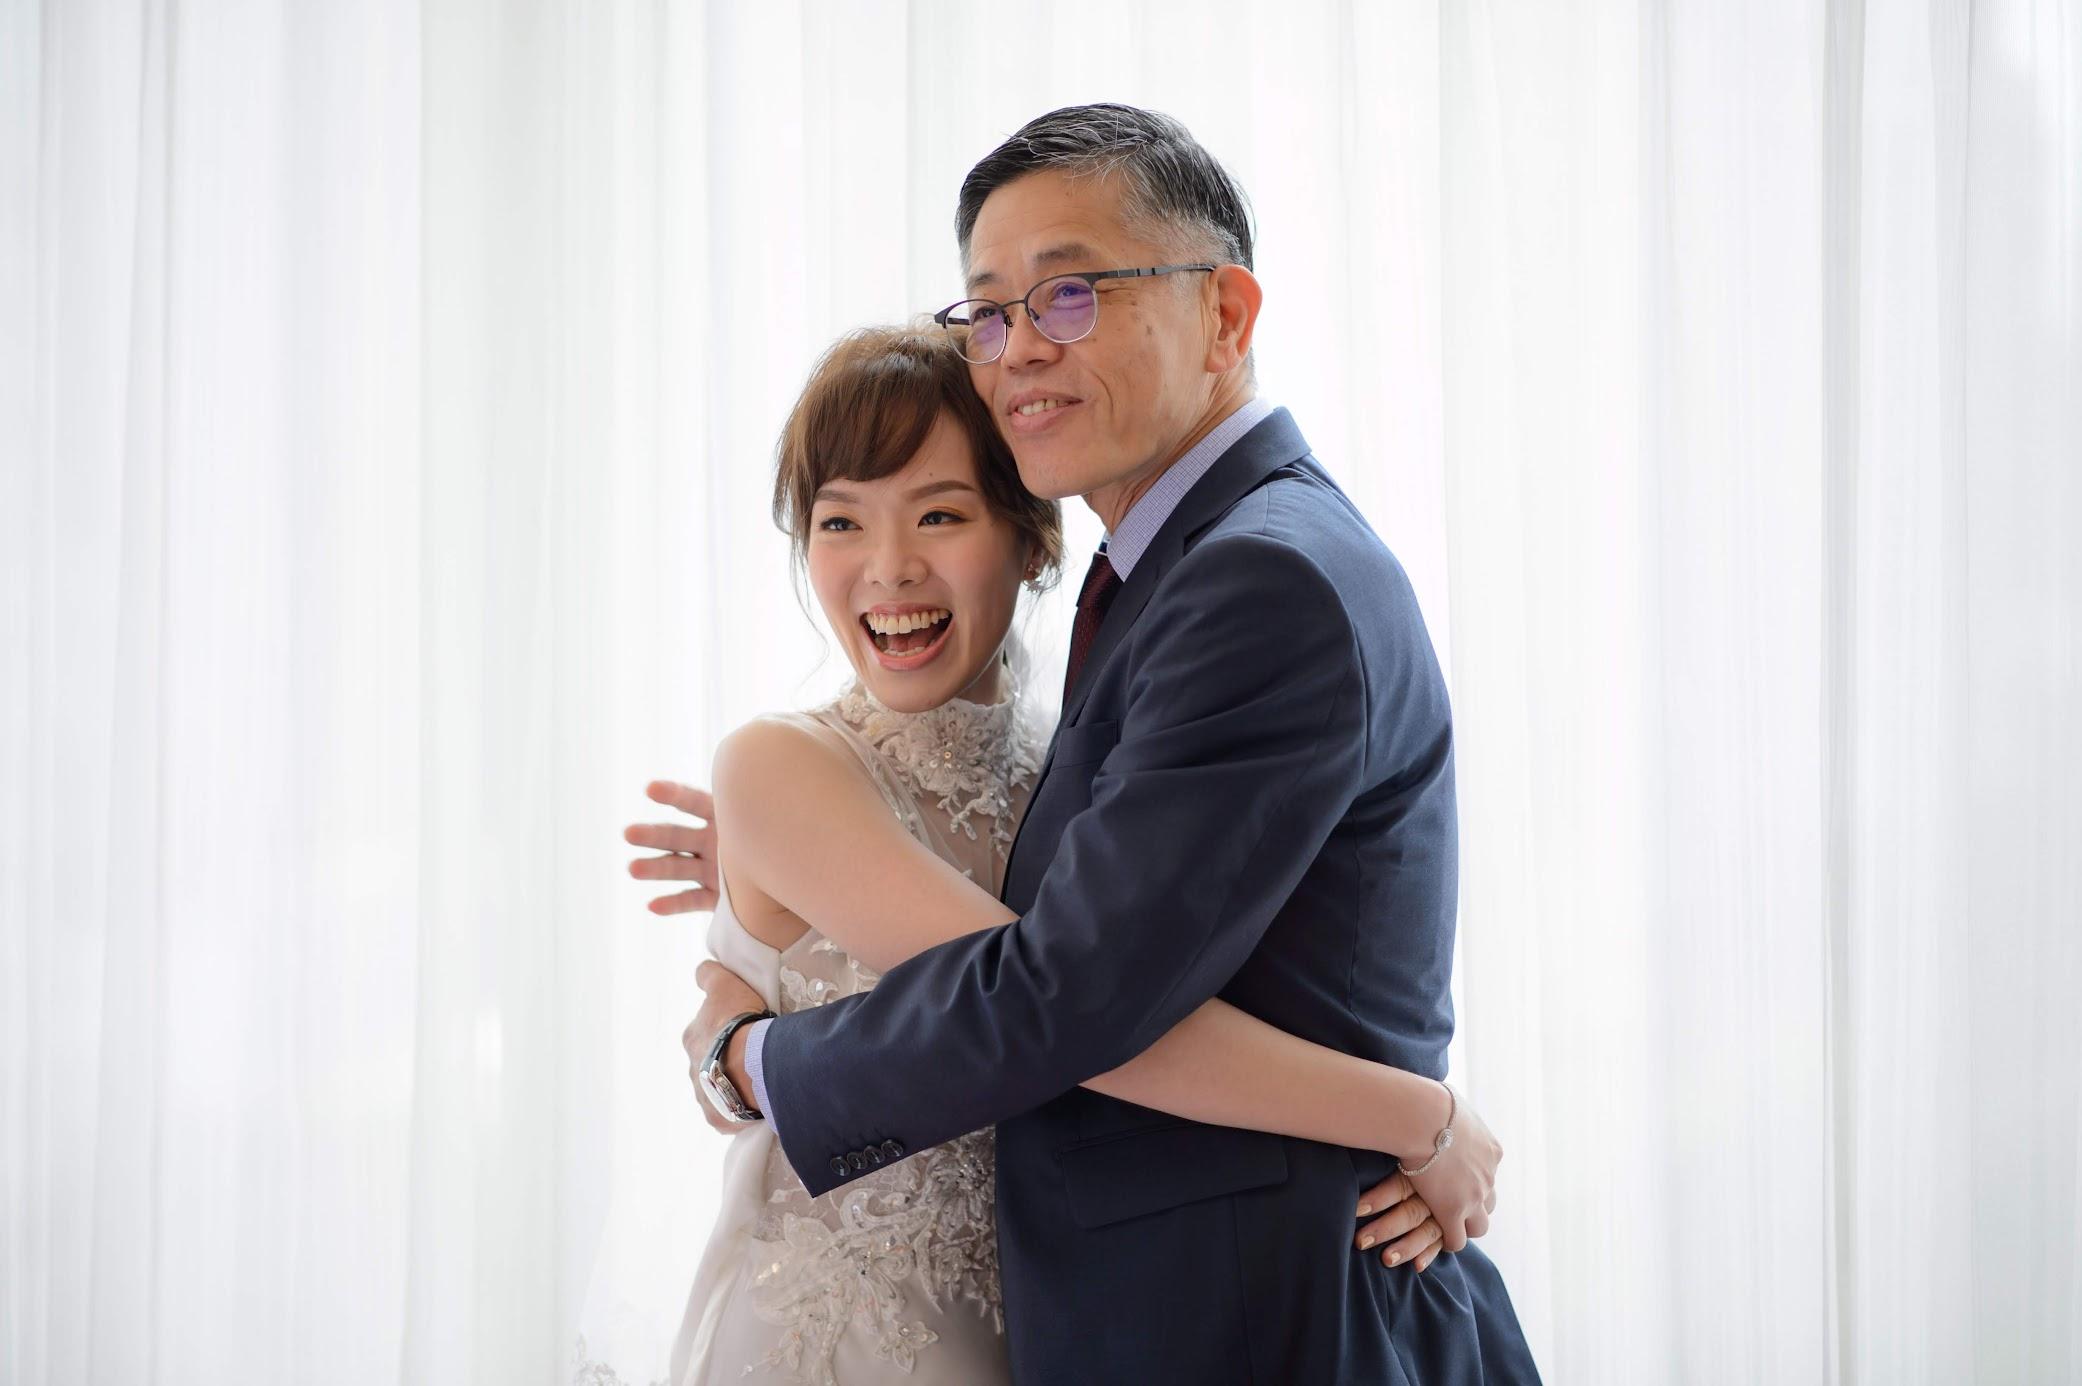 婚攝作品-婚禮攝影-顏氏牧場